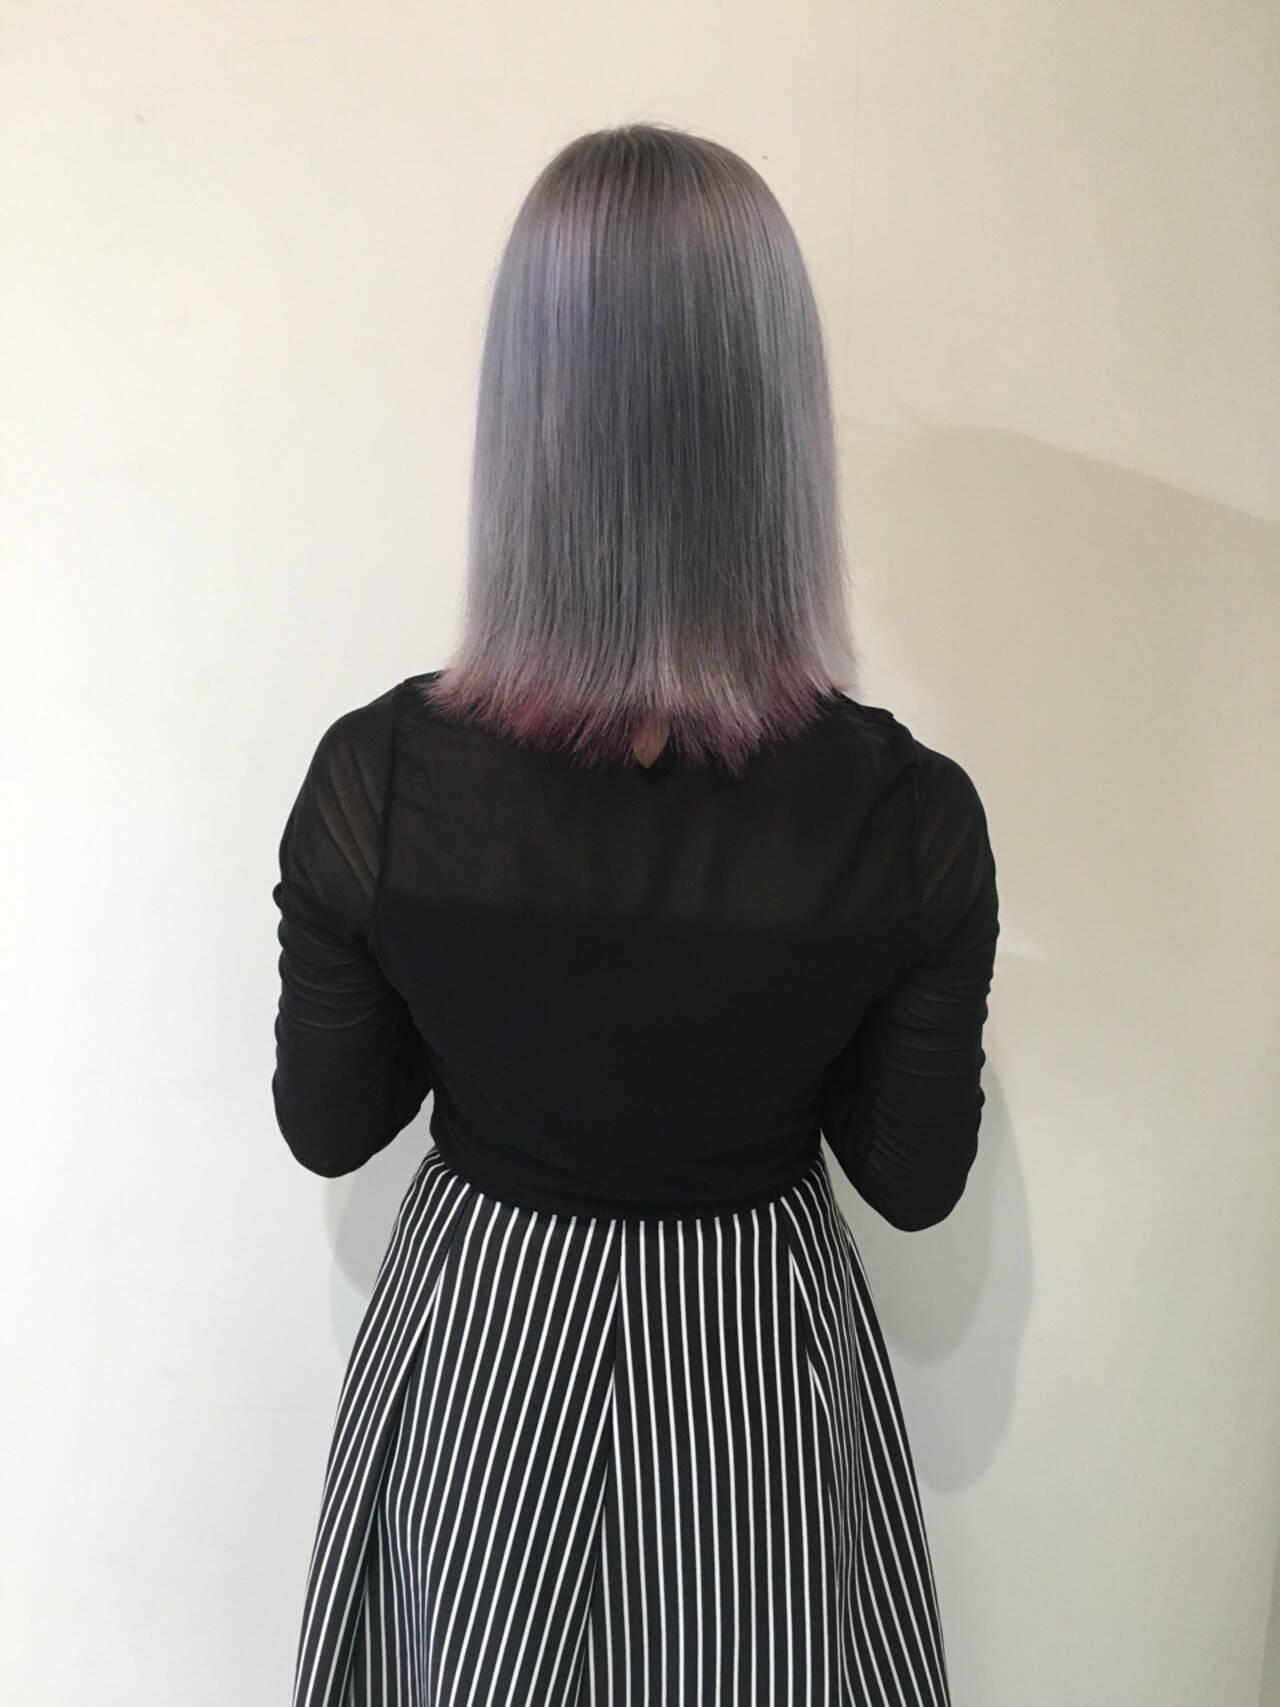 外国人風 暗髪 グラデーションカラー アッシュヘアスタイルや髪型の写真・画像